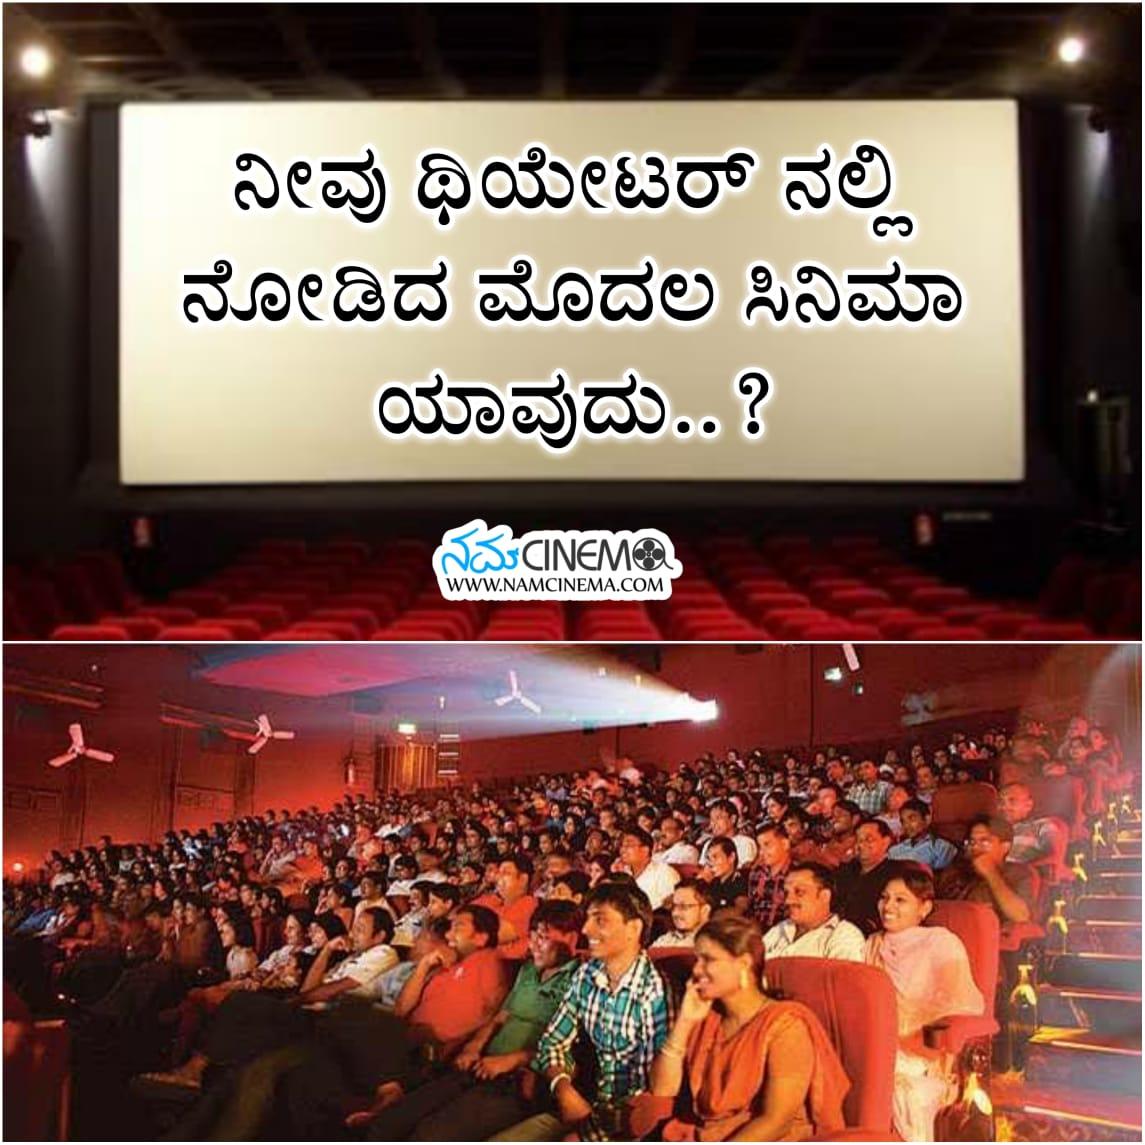 ಚಿಕ್ಕ ವಯಸ್ಸಲ್ಲಿ ಥಿಯೇಟರ್ ನಲ್ಲಿ ಸಿನಿಮಾ ನೋಡುವುದೇ ಒಂದು ಸಂಭ್ರಮ. ನೀವು ಹಾಗೆ ಮೊದಲ ಬಾರಿ ಥಿಯೇಟರ್ ಗೆ ಹೋಗಿ ನೋಡಿದ ಸಿನಿಮಾ ಯಾವುದು? ಕಮೆಂಟ್ ಮಾಡಿ ಸಂಭ್ರಮ ಹಂಚಿಕೊಳ್ಳಿ😍✌️  #NamCinema #Kannada #KannadaCinema #Theatre #TheatreExperience